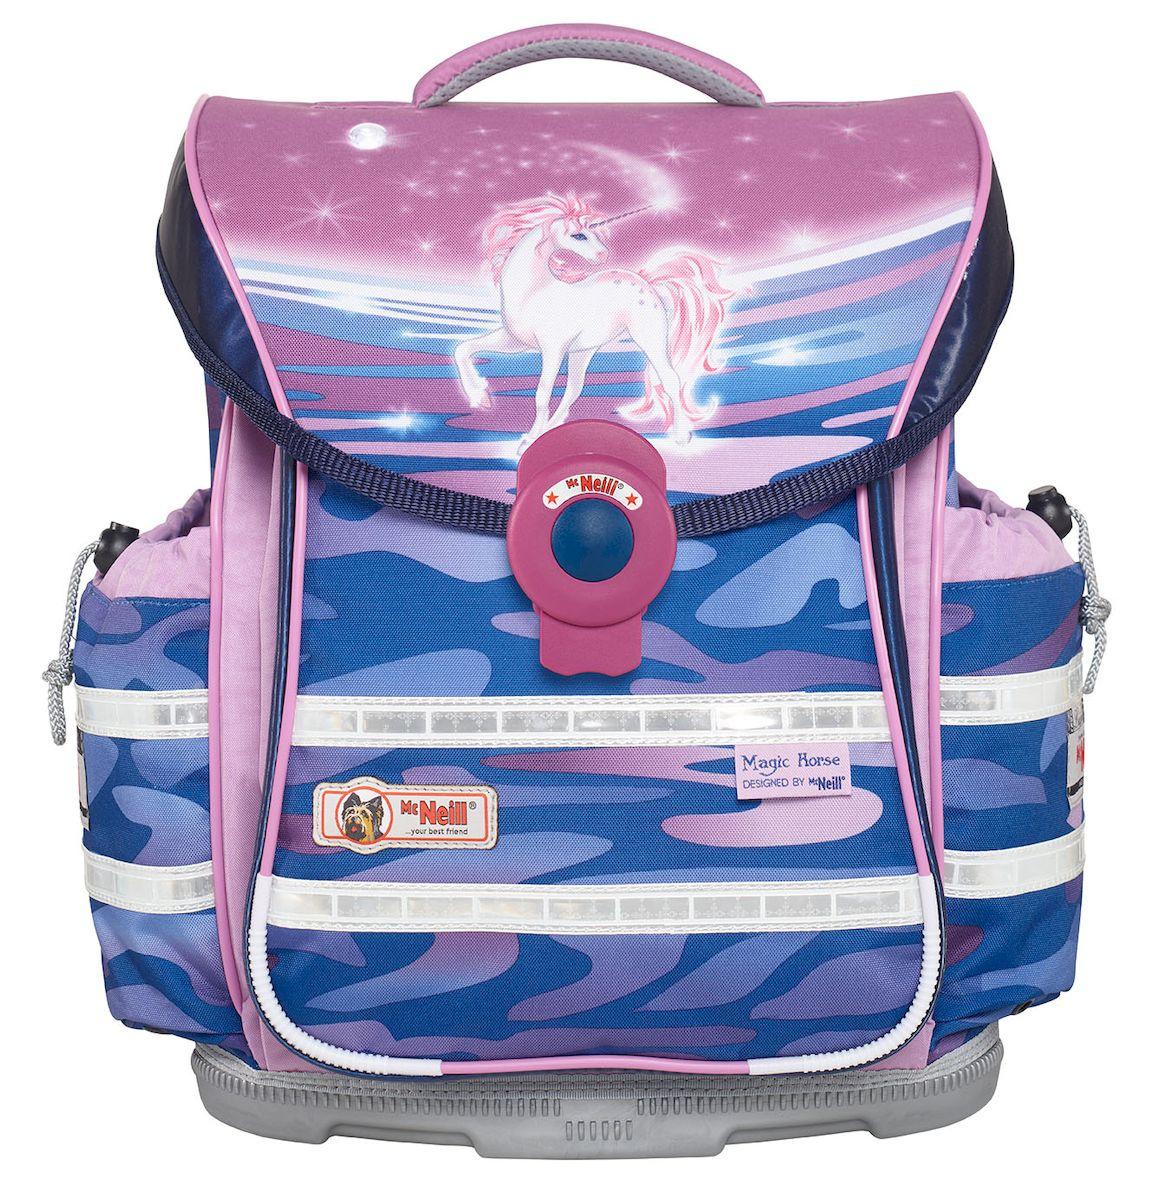 41a7f68fa604 McNeill Ранец школьный Ergo Light Plus Единорог — купить в интернет-магазине  OZON.ru с быстрой доставкой